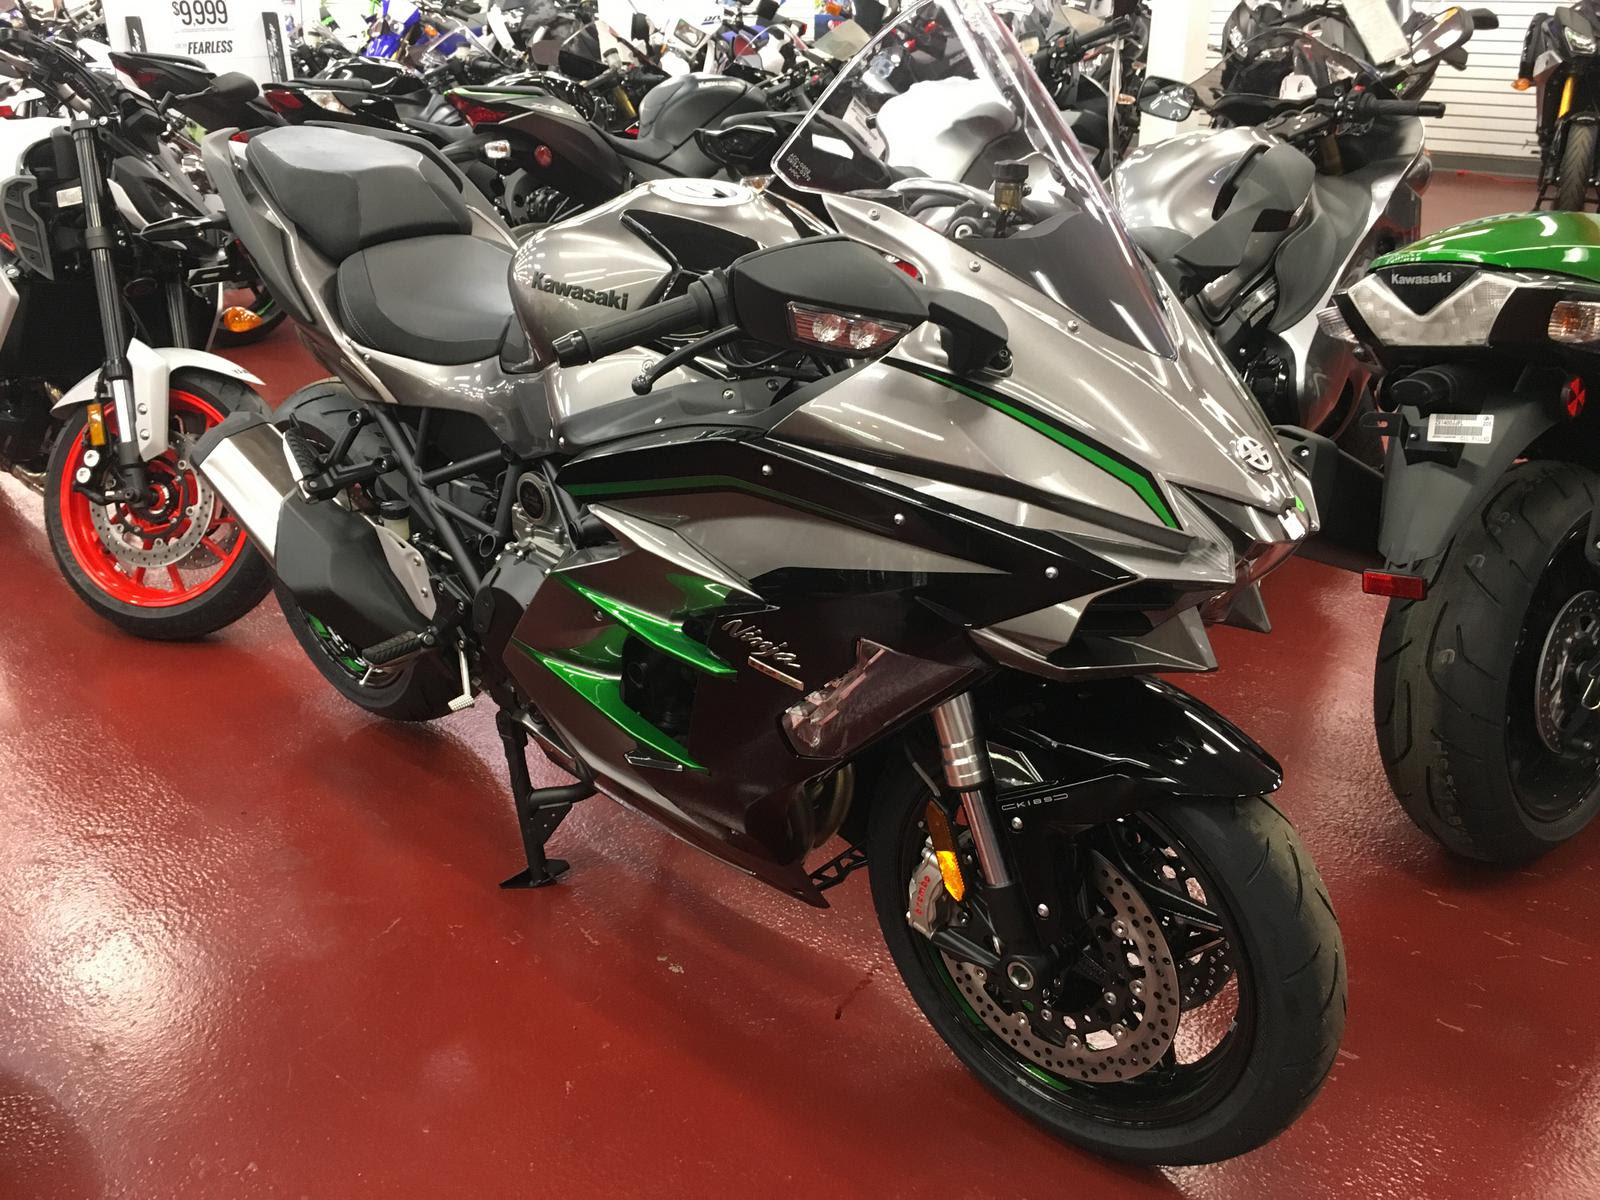 2019 Kawasaki Ninja H2 Sx Se